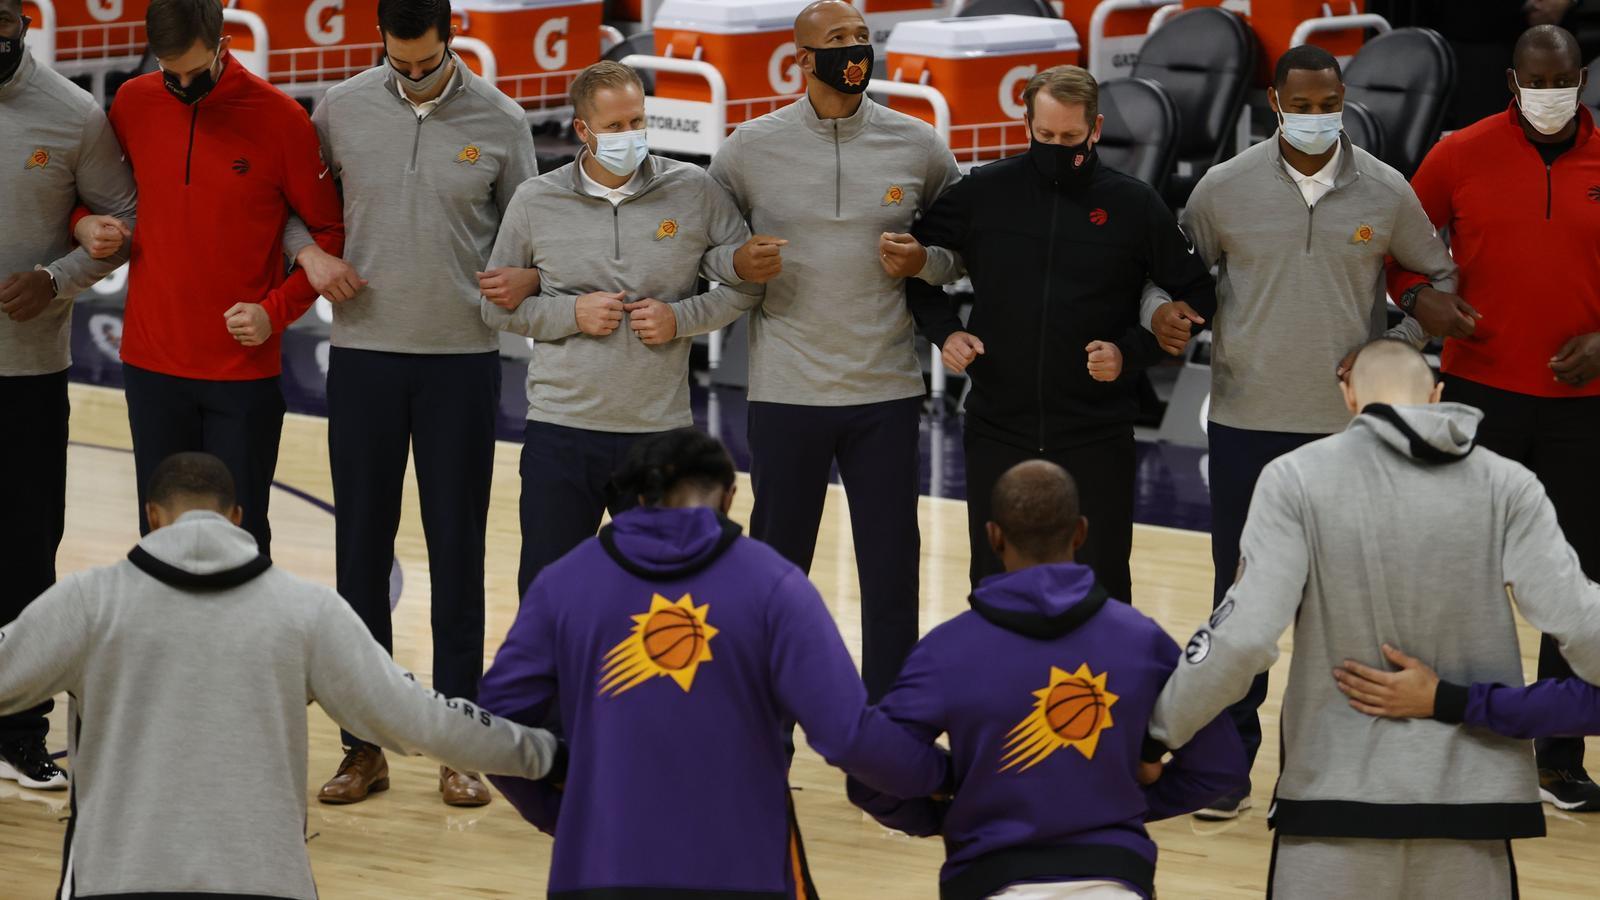 Els Phoenix Suns i els Toronto Raptors s'han unit per protestar